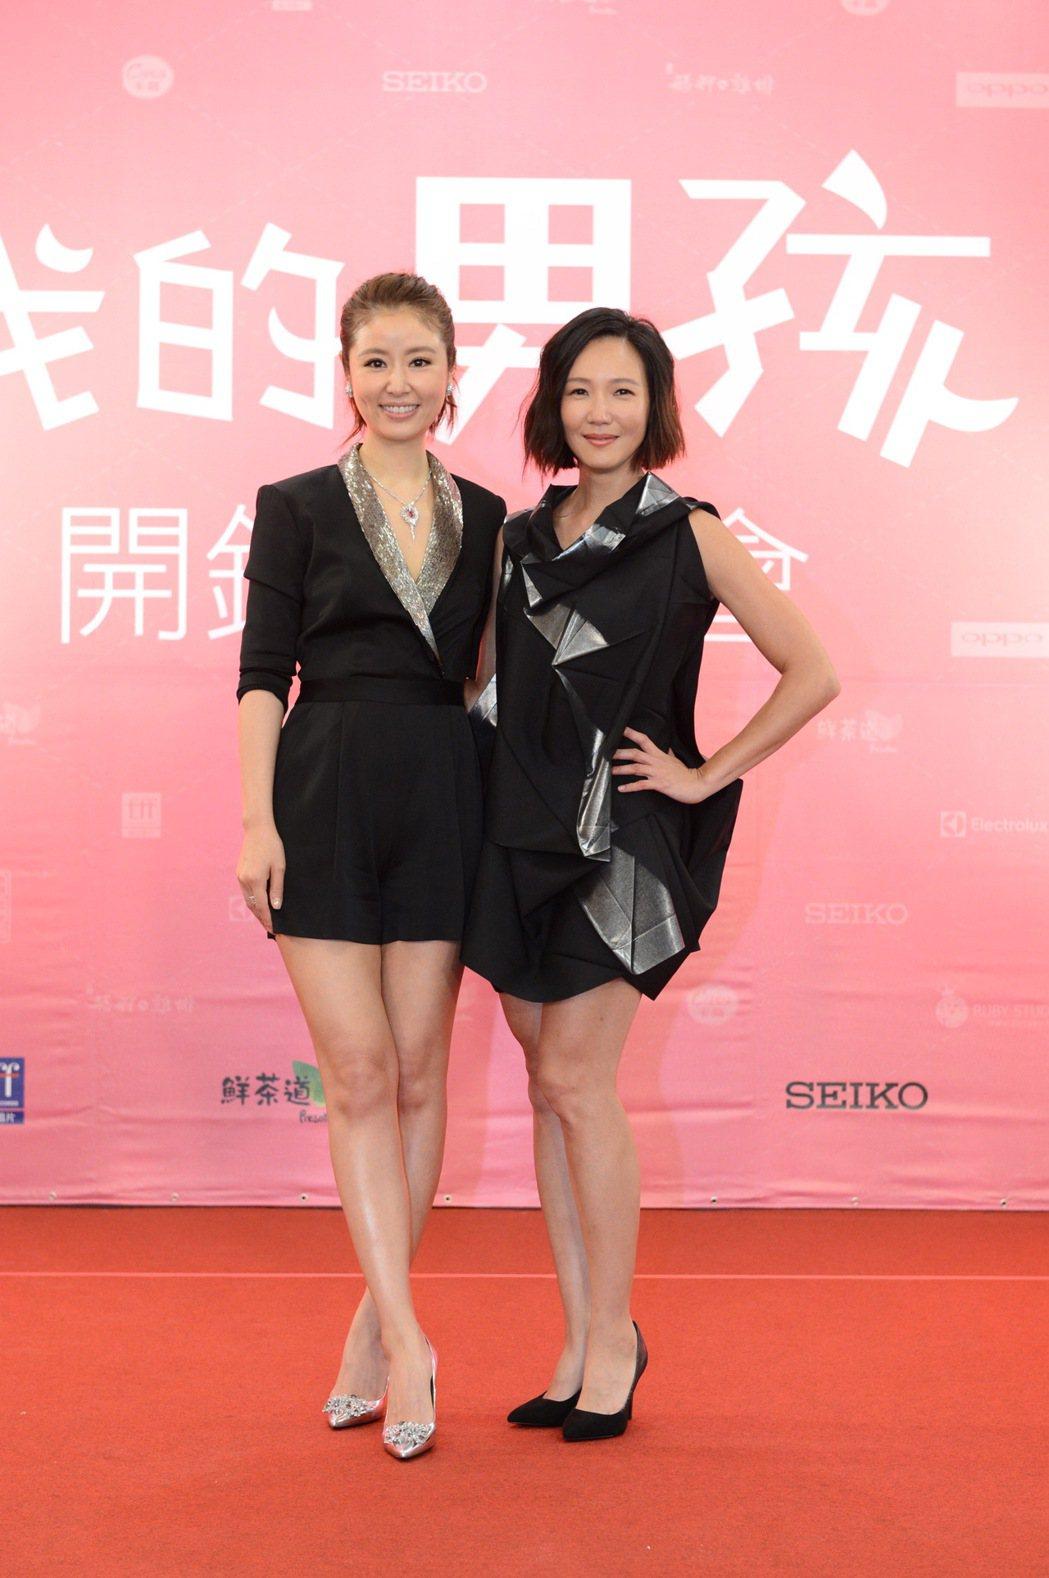 張本渝(右)與林心如在「我的男孩」中演姊妹。圖/八大提供